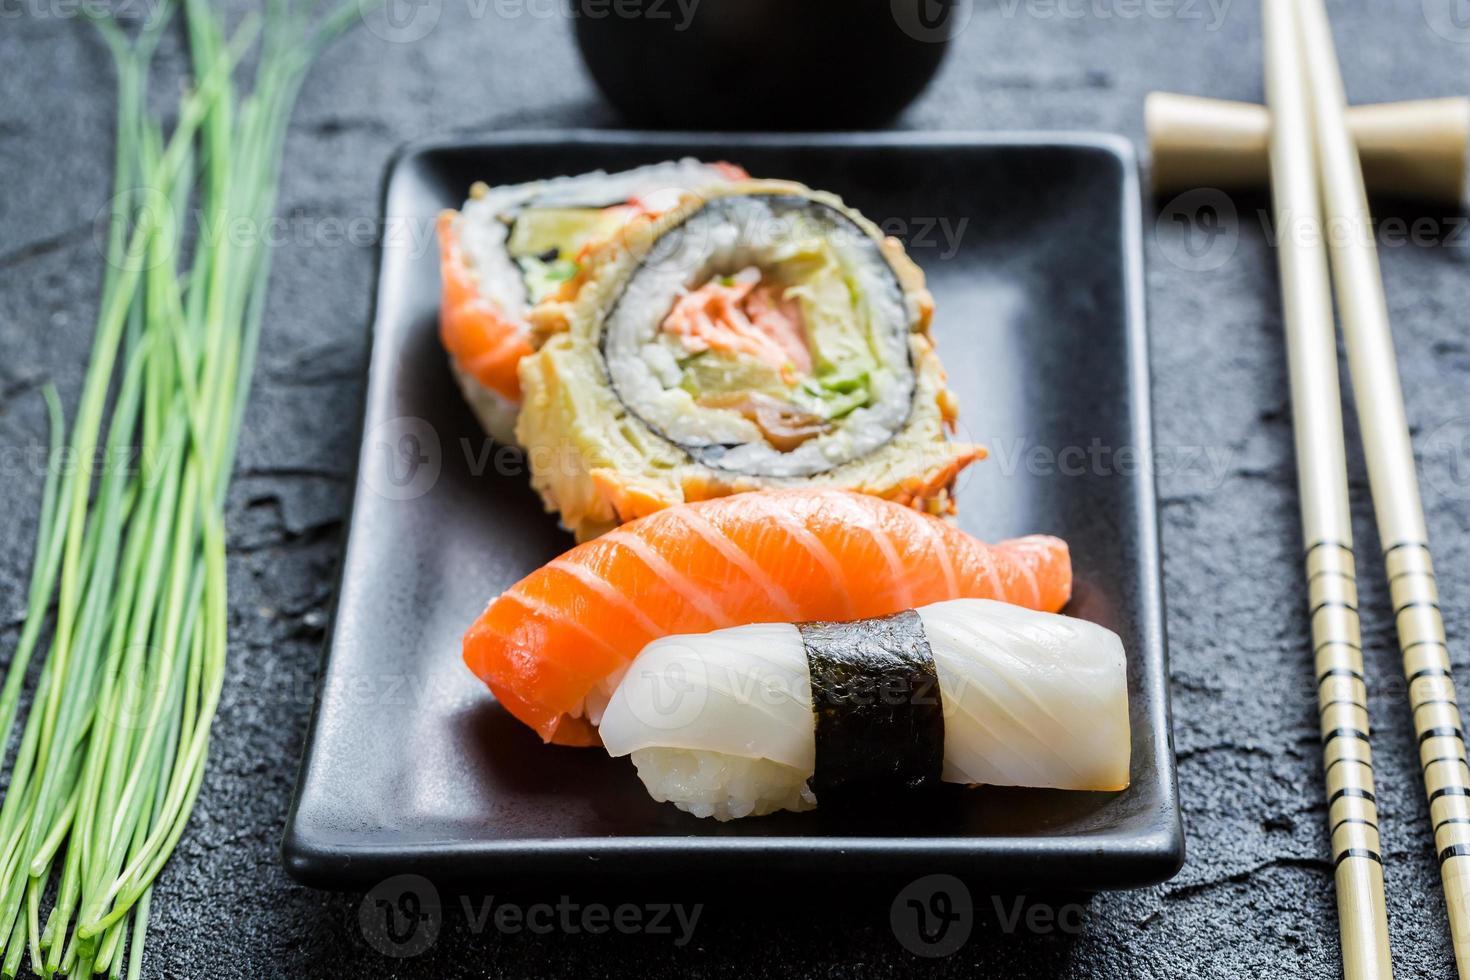 Nahaufnahme von frischem Sushi, dunkler Keramik und Essstäbchen foto